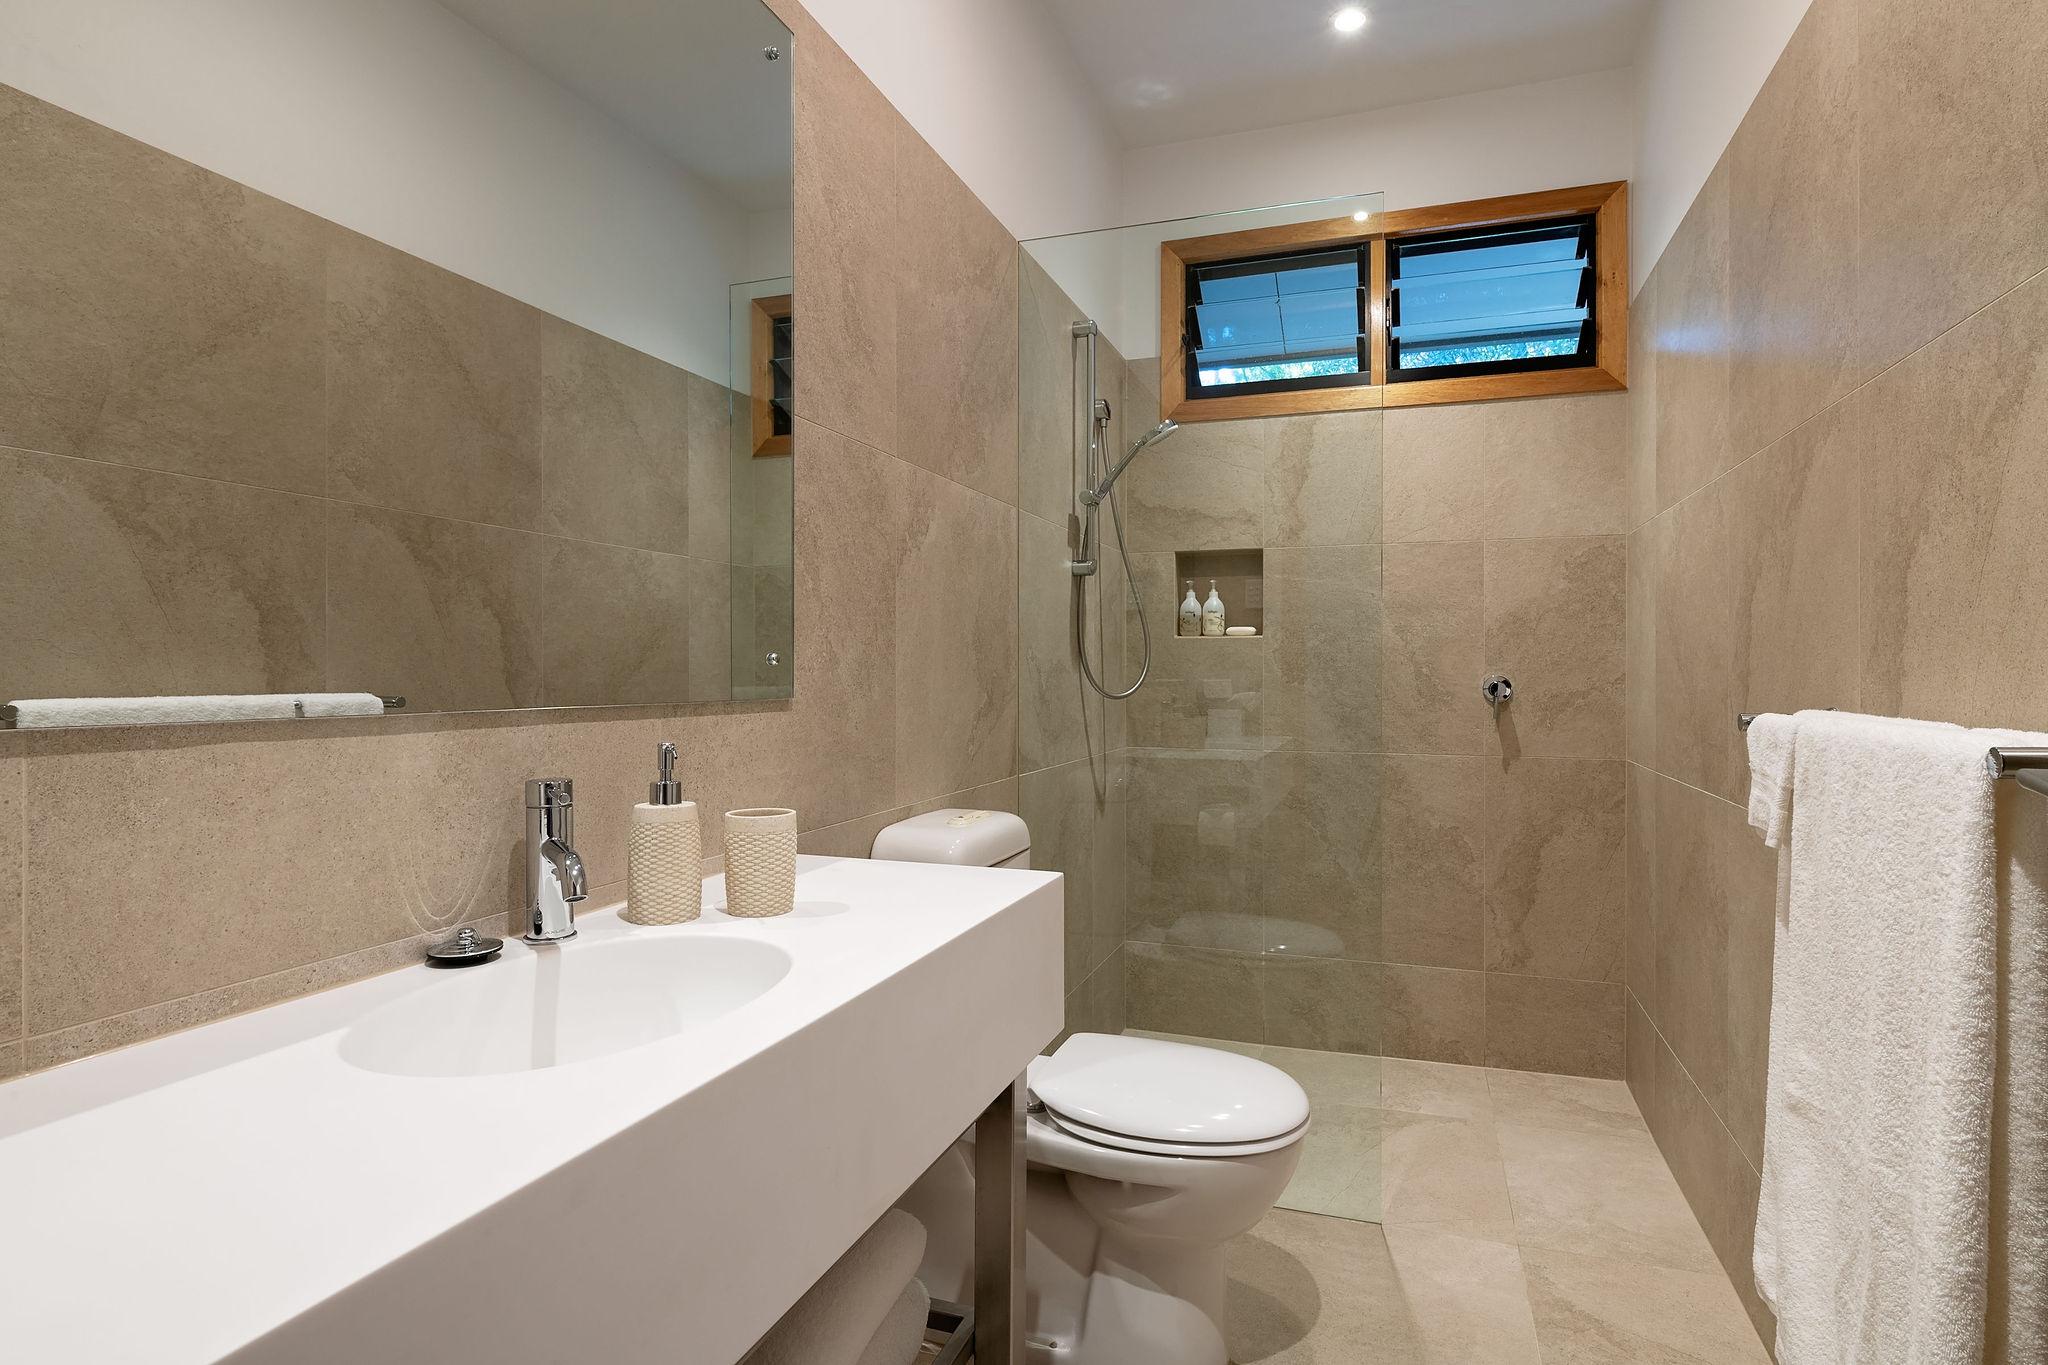 dunes bathroom